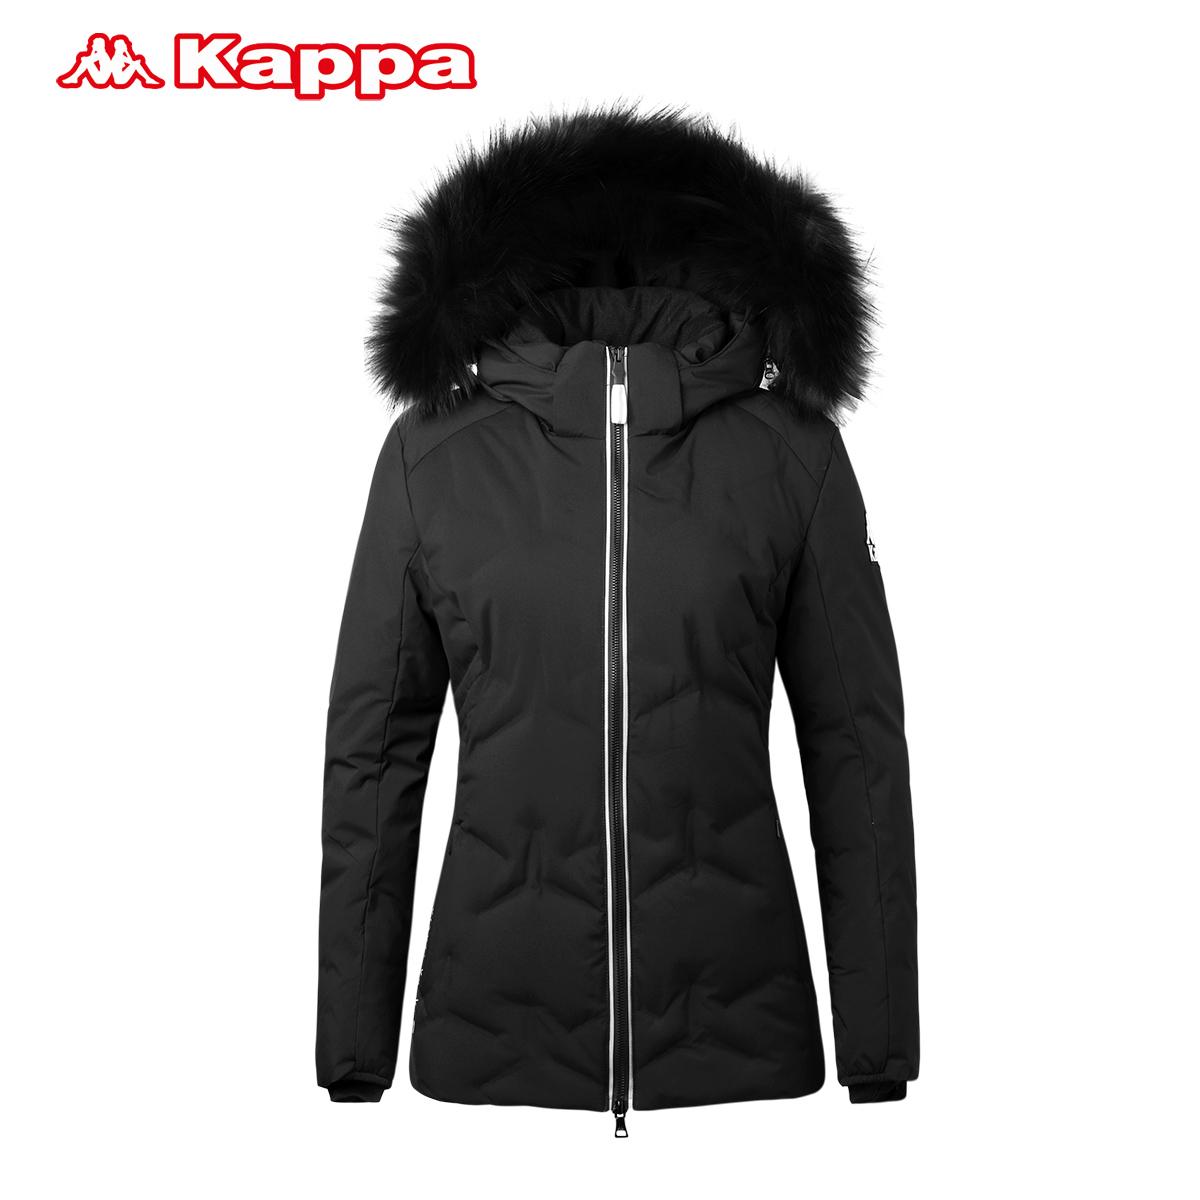 Kappa卡帕女加厚羽绒服 运动休闲保暖外套2017秋冬新款|K0762YY35